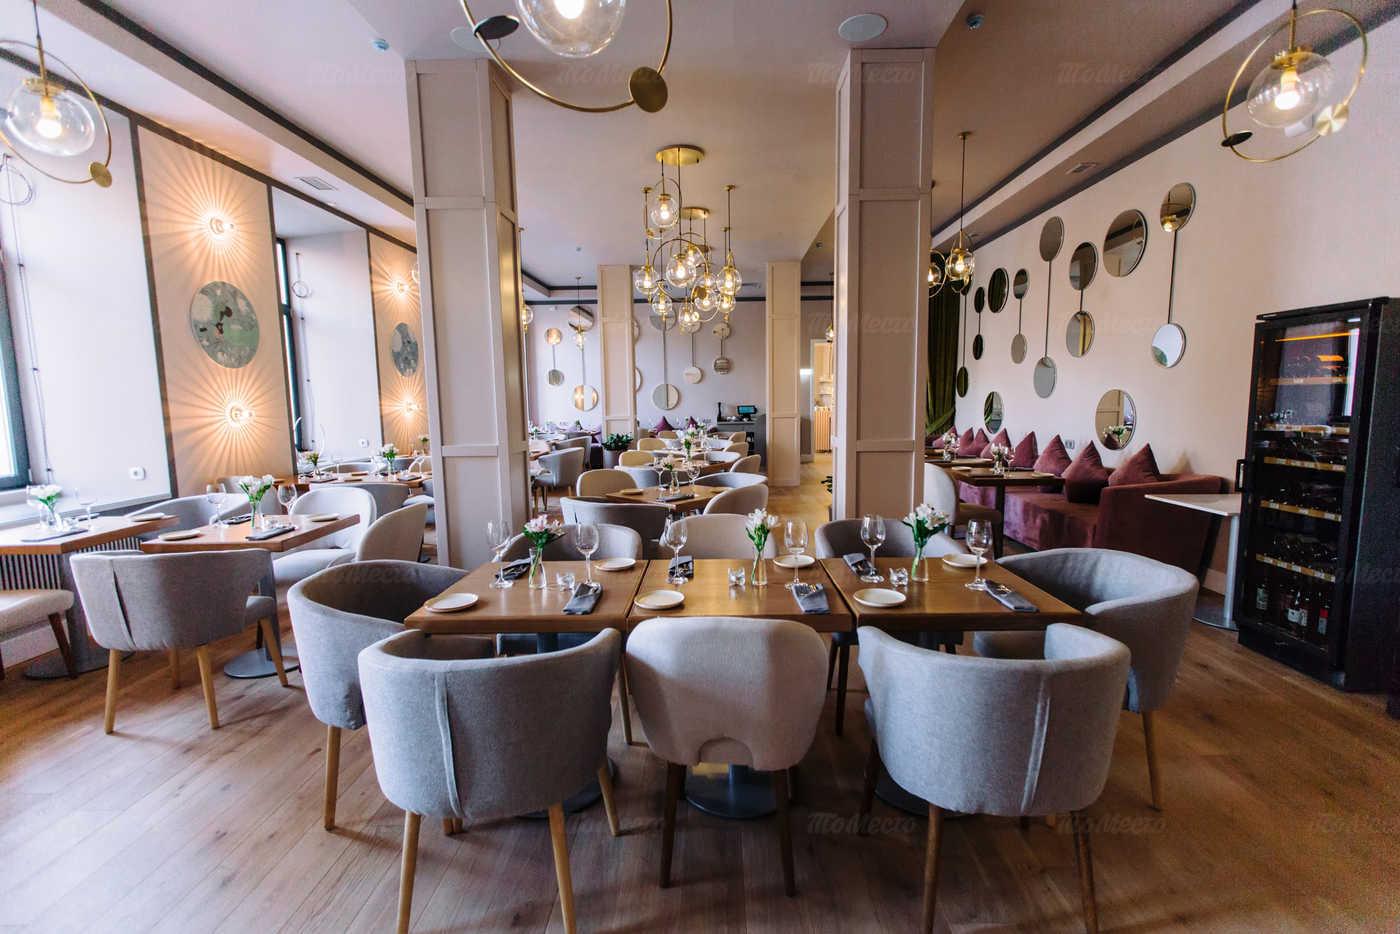 Ресторан Джульетта (Giulietta) на Инженерной улице фото 6